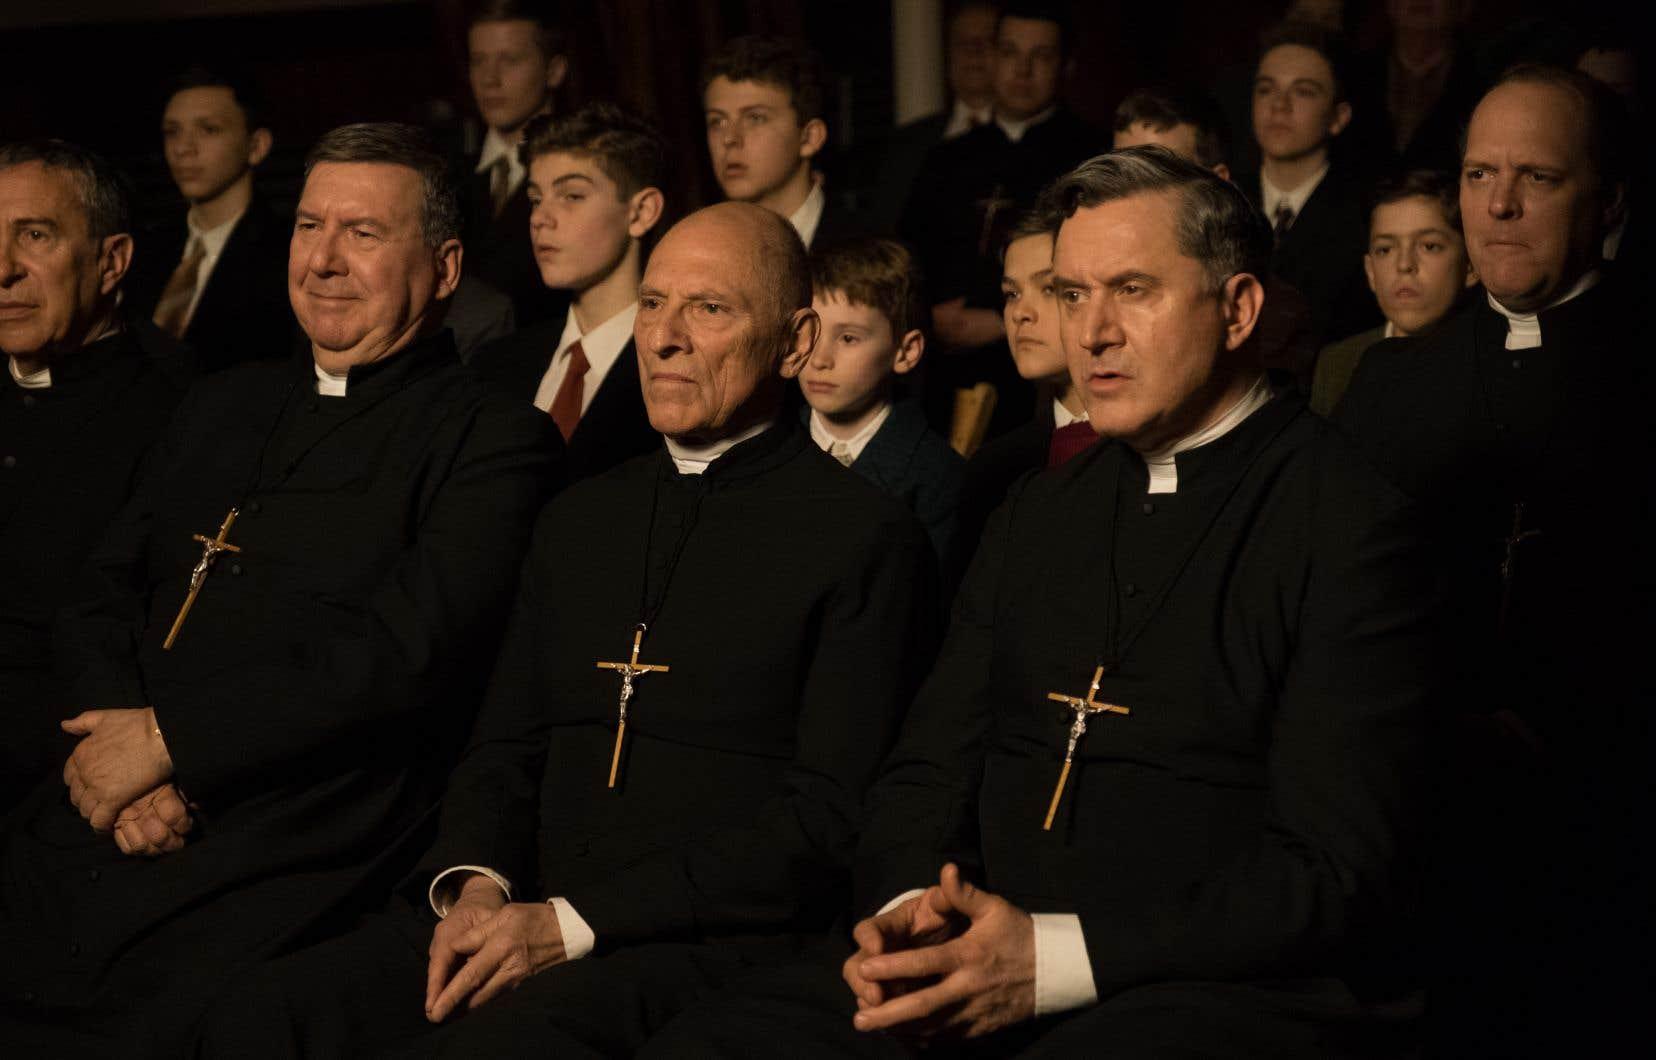 Nouveau film attendu de Benoît Pilon, la chronique «Le club Vinland», sur un groupe de séminaristes et leur éducateur avant-gardiste à la fin des années1940, ouvrira les festivités du FCIAT.